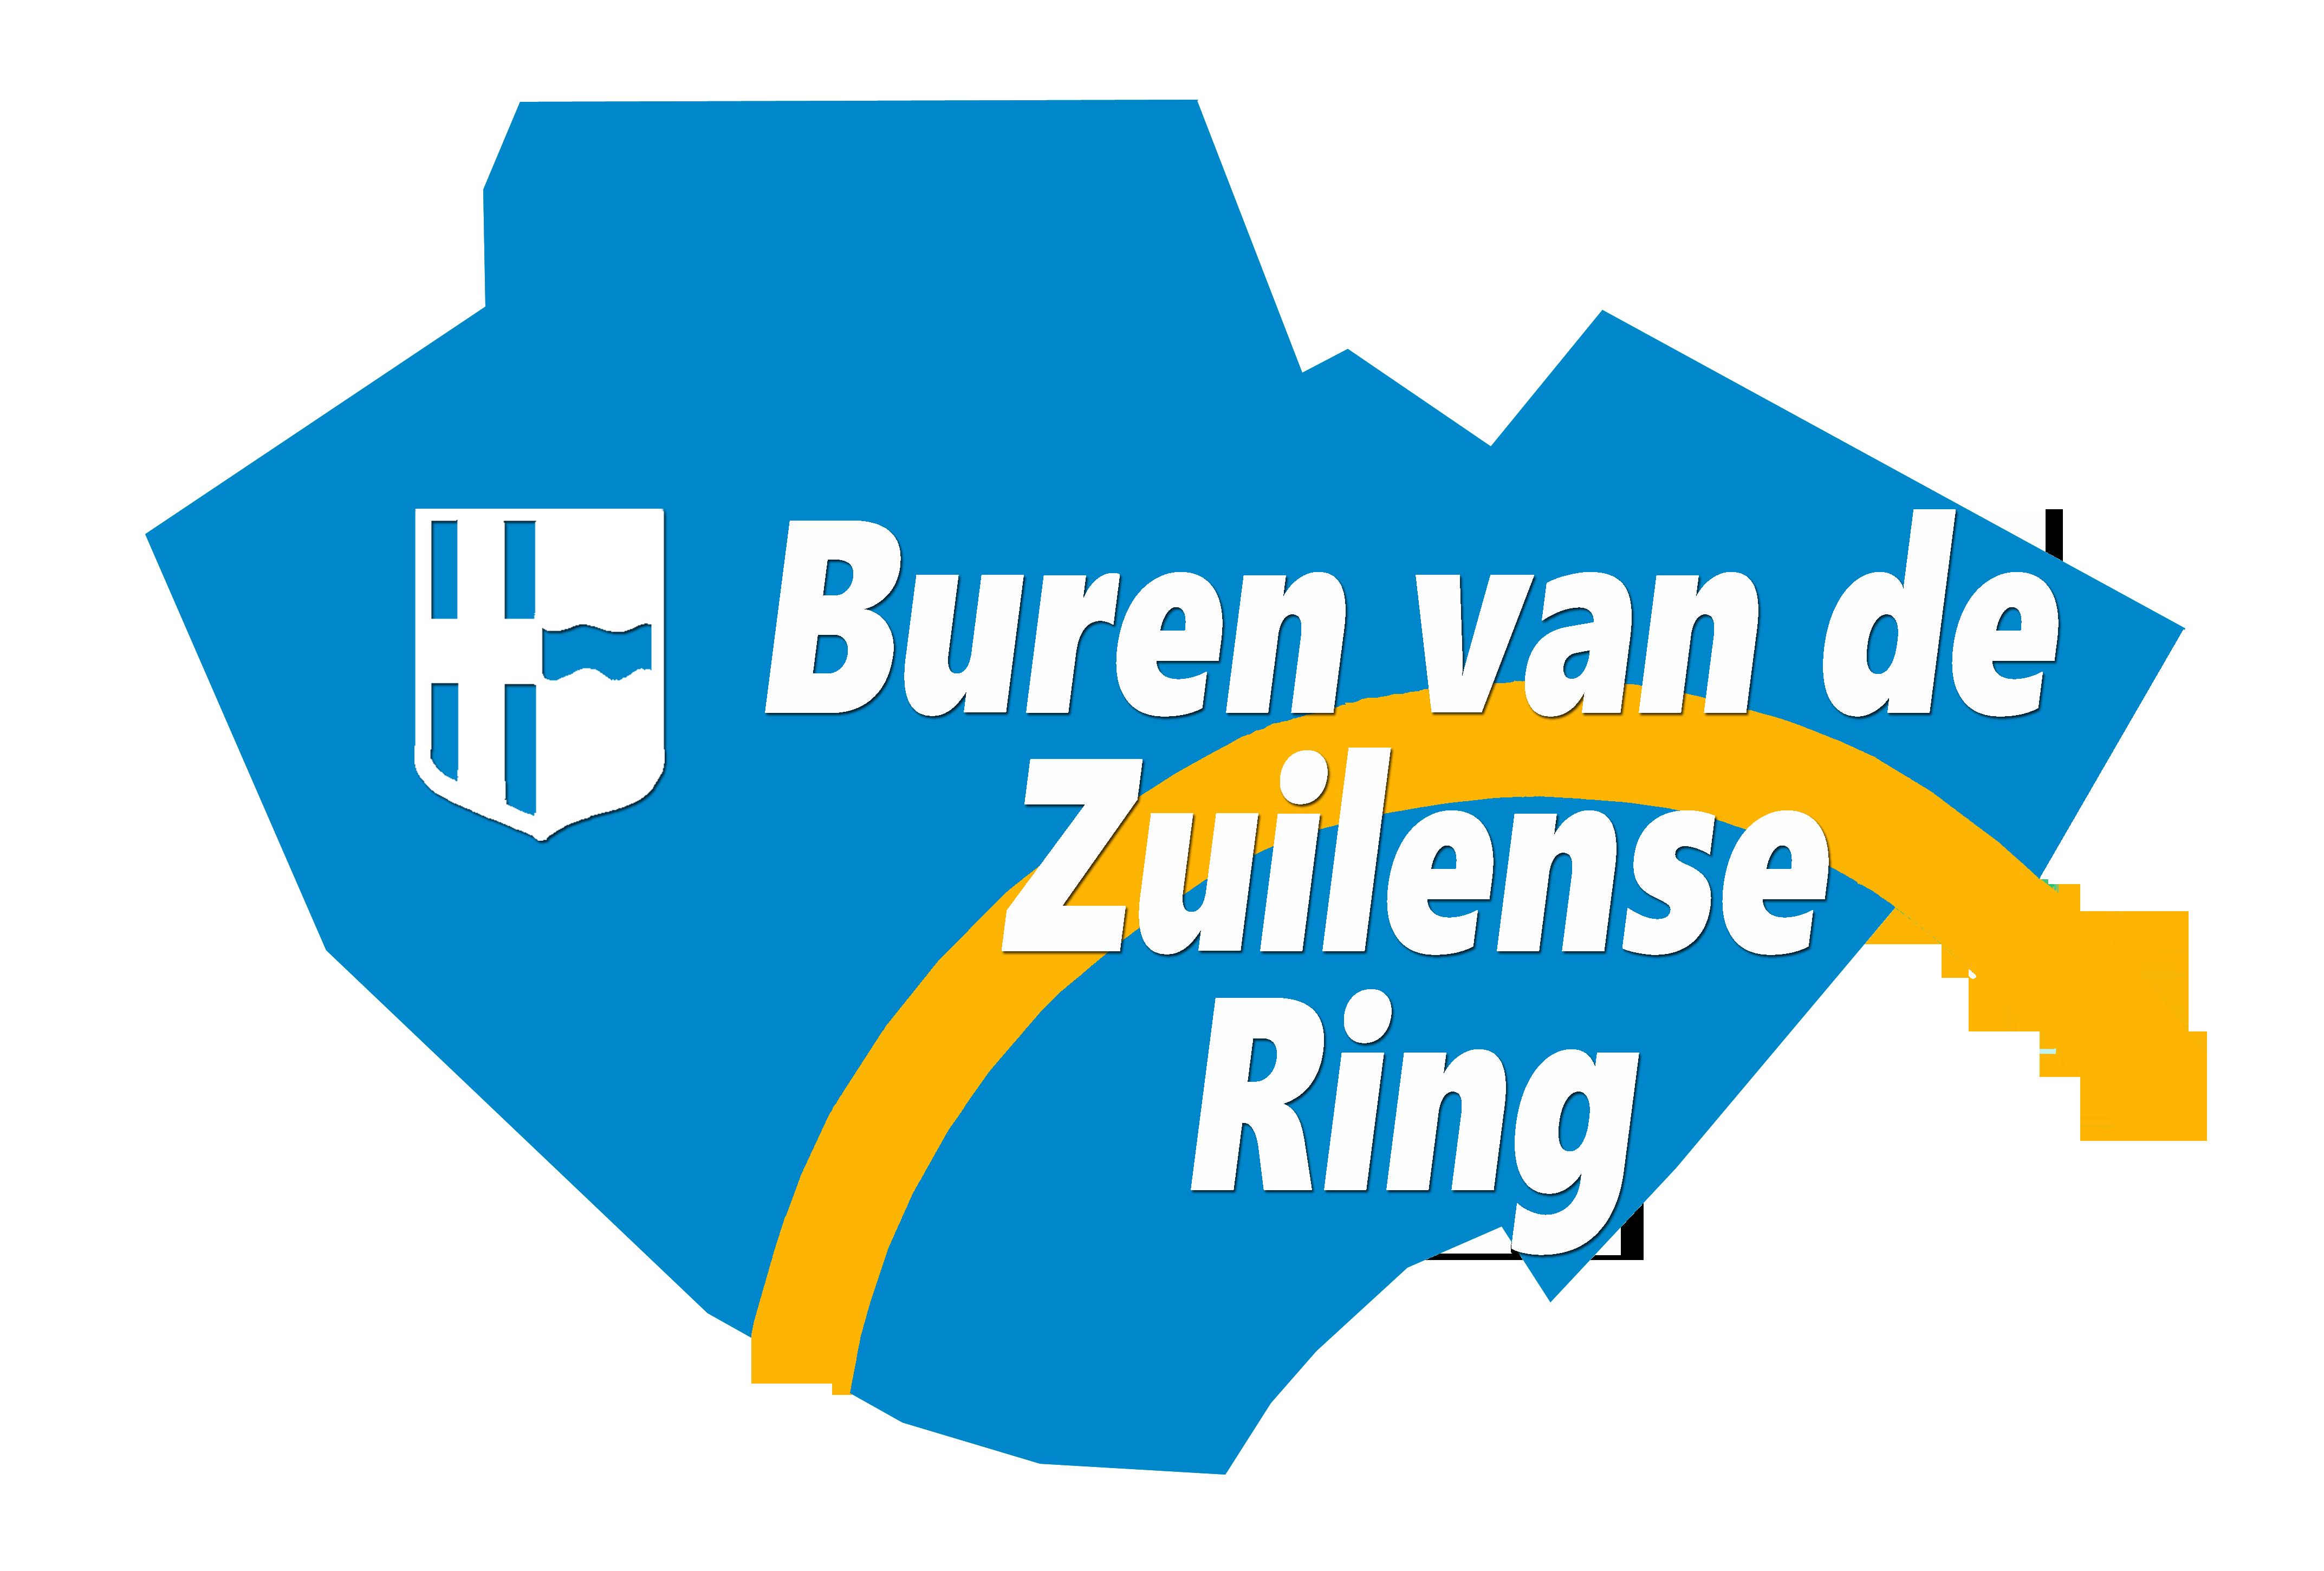 BurenvandeZuilenseRing